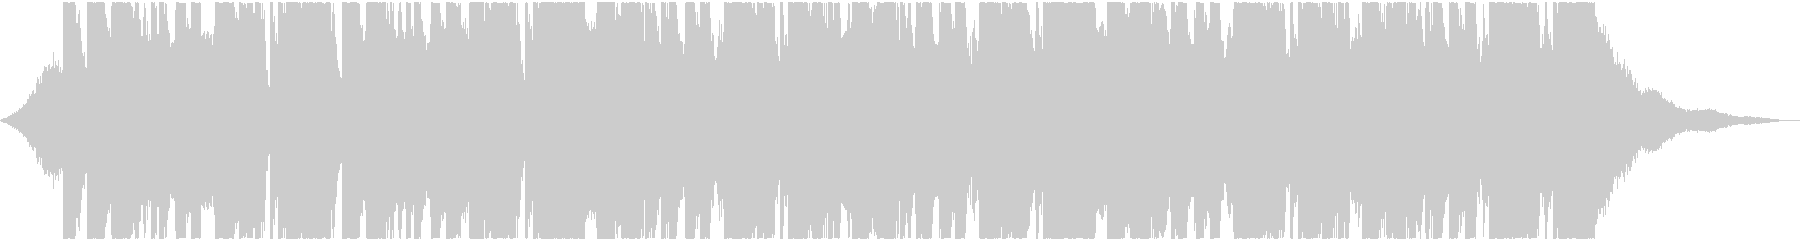 トロピカル バラード ポジティブ ...の未再生の波形